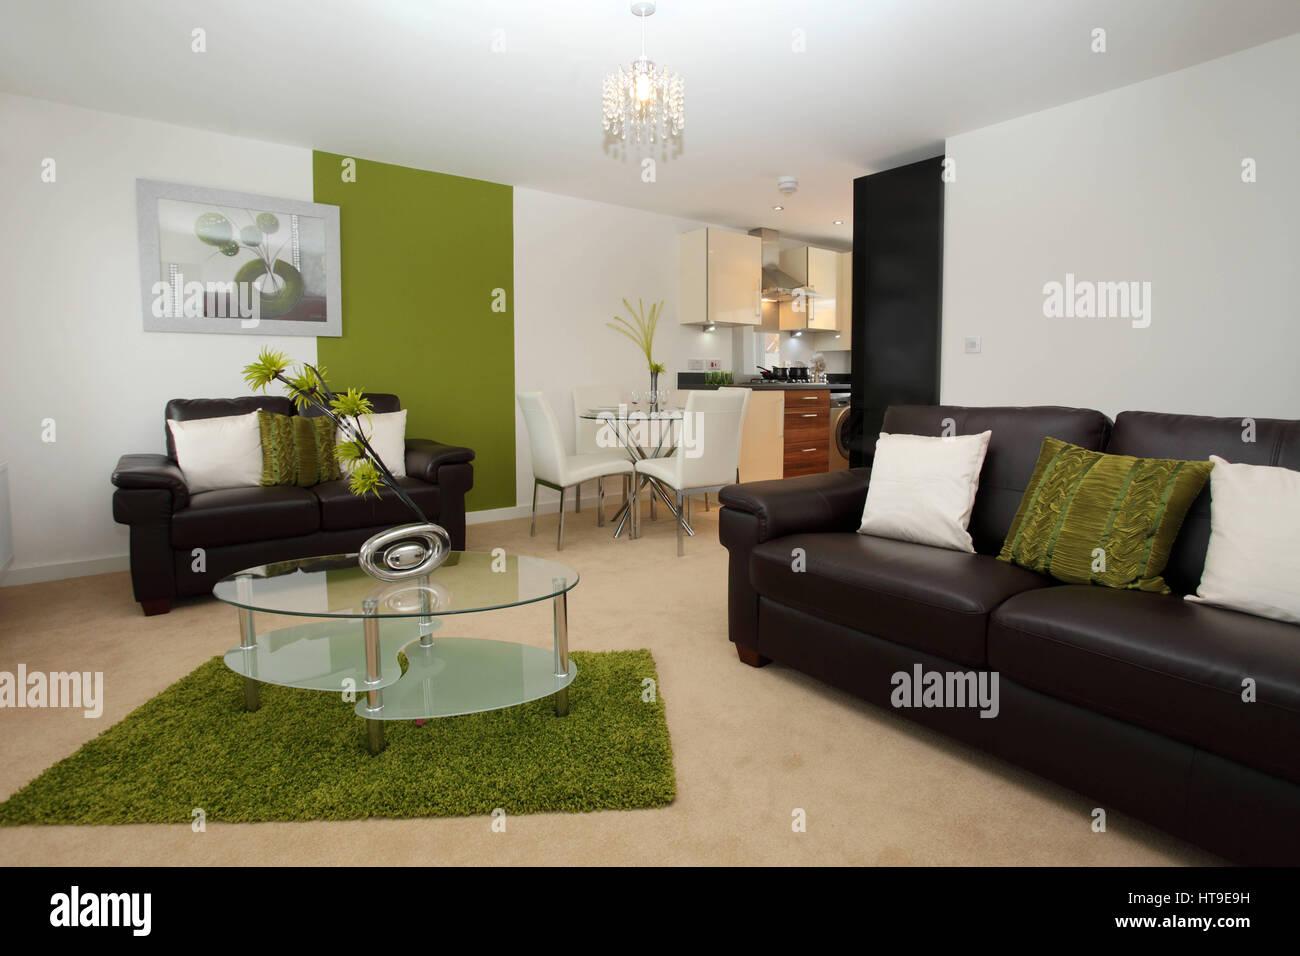 Lu0027intérieur Moderne, Appartement Salon/cuisine/salle à Manger, Salon, Coin  Repas, Espace Vert, Tapis, Table Basse En Verre,